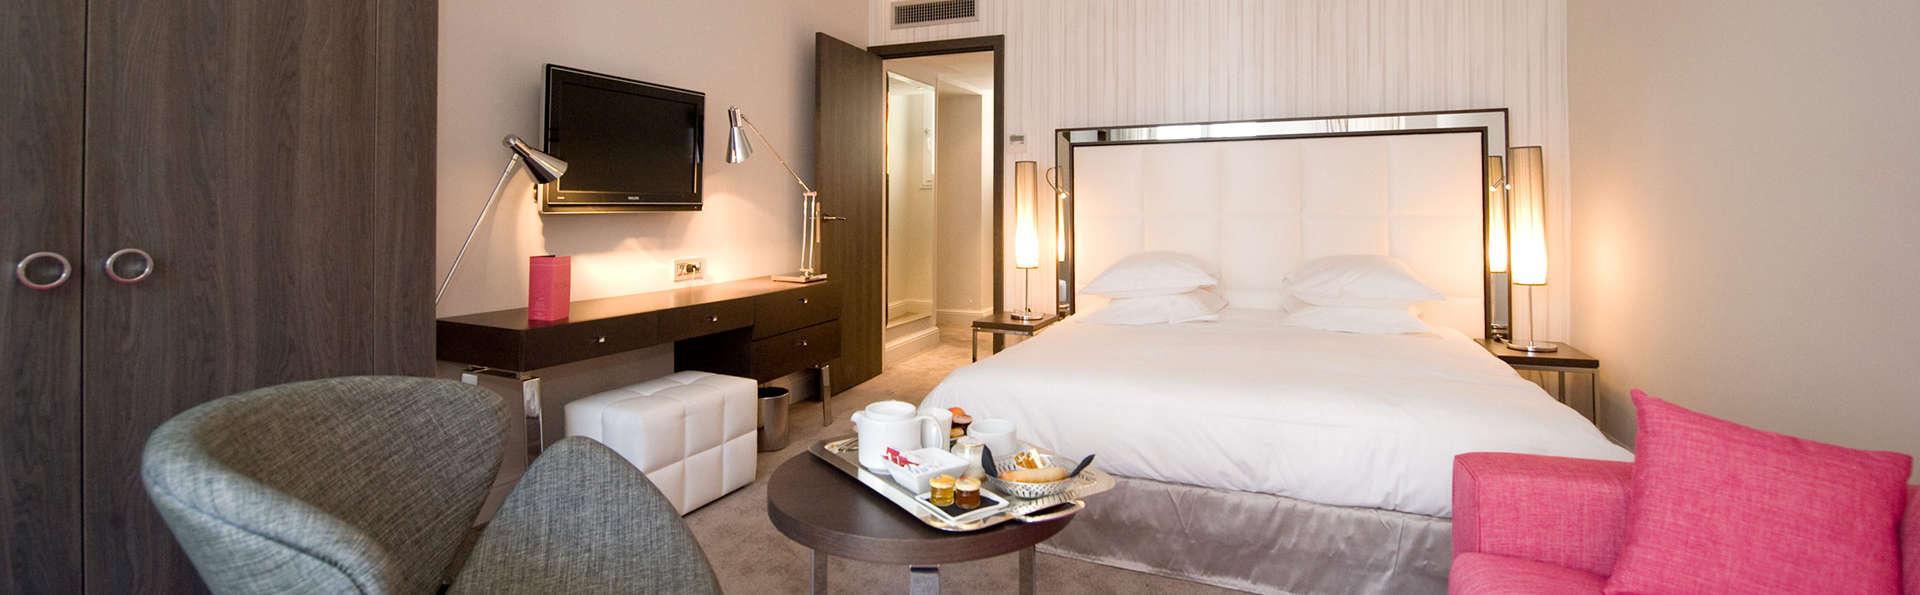 Week-end en amoureux avec champagne et chocolats à Cannes